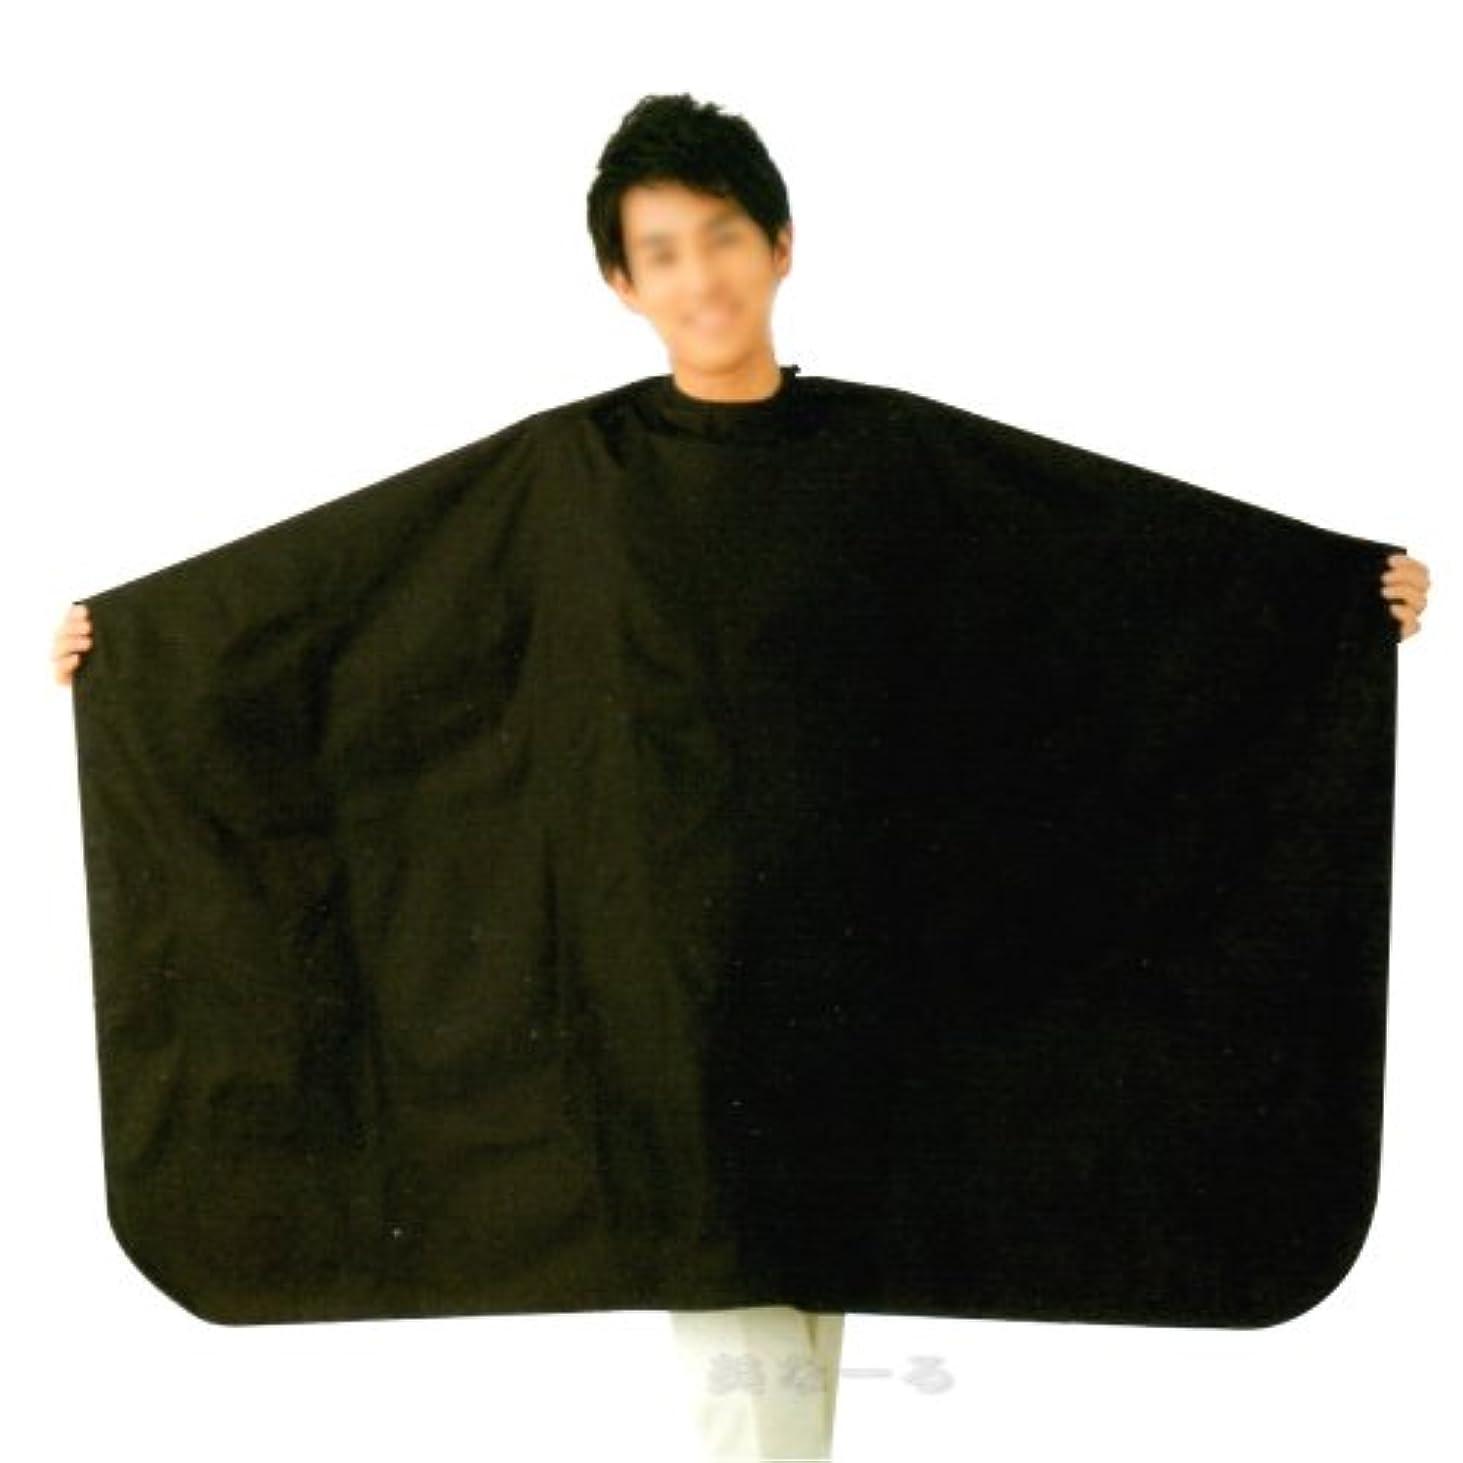 流行しているイディオム急流ヘアダイクロス ヘアカラー用ケープ 袖なし 業務用 エルコ